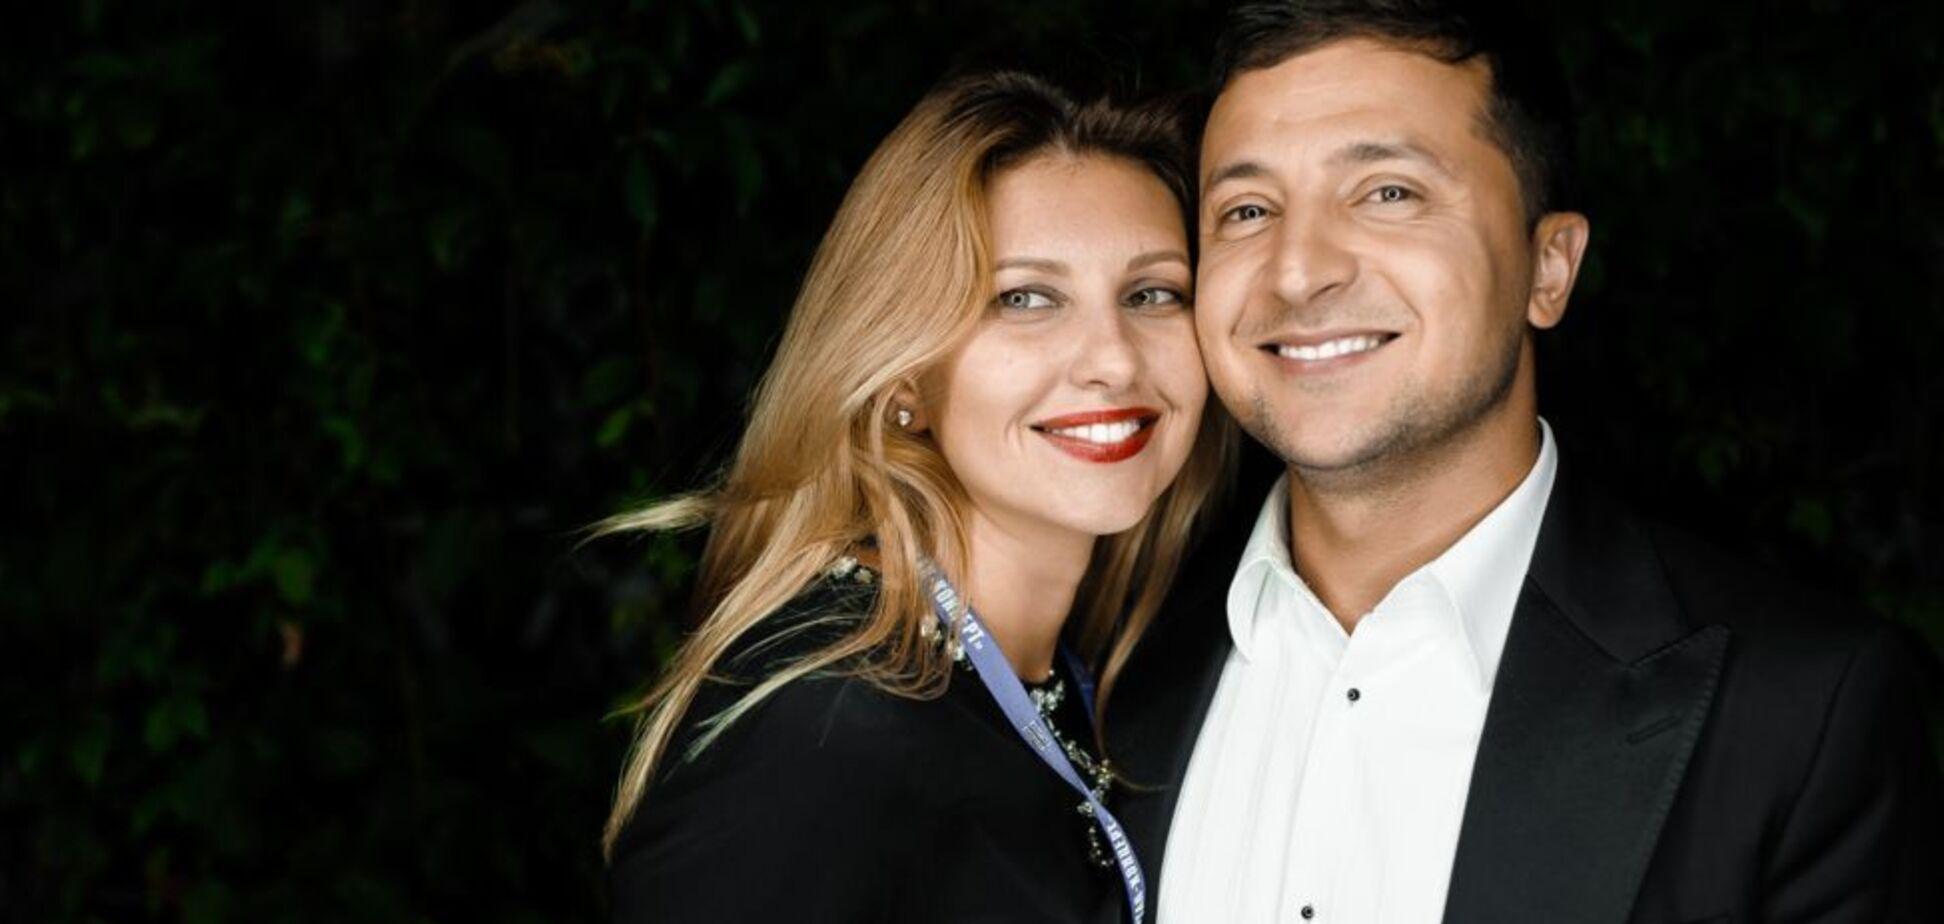 'Так склалося': дружина Зеленського розповіла про його проблеми з українською мовою